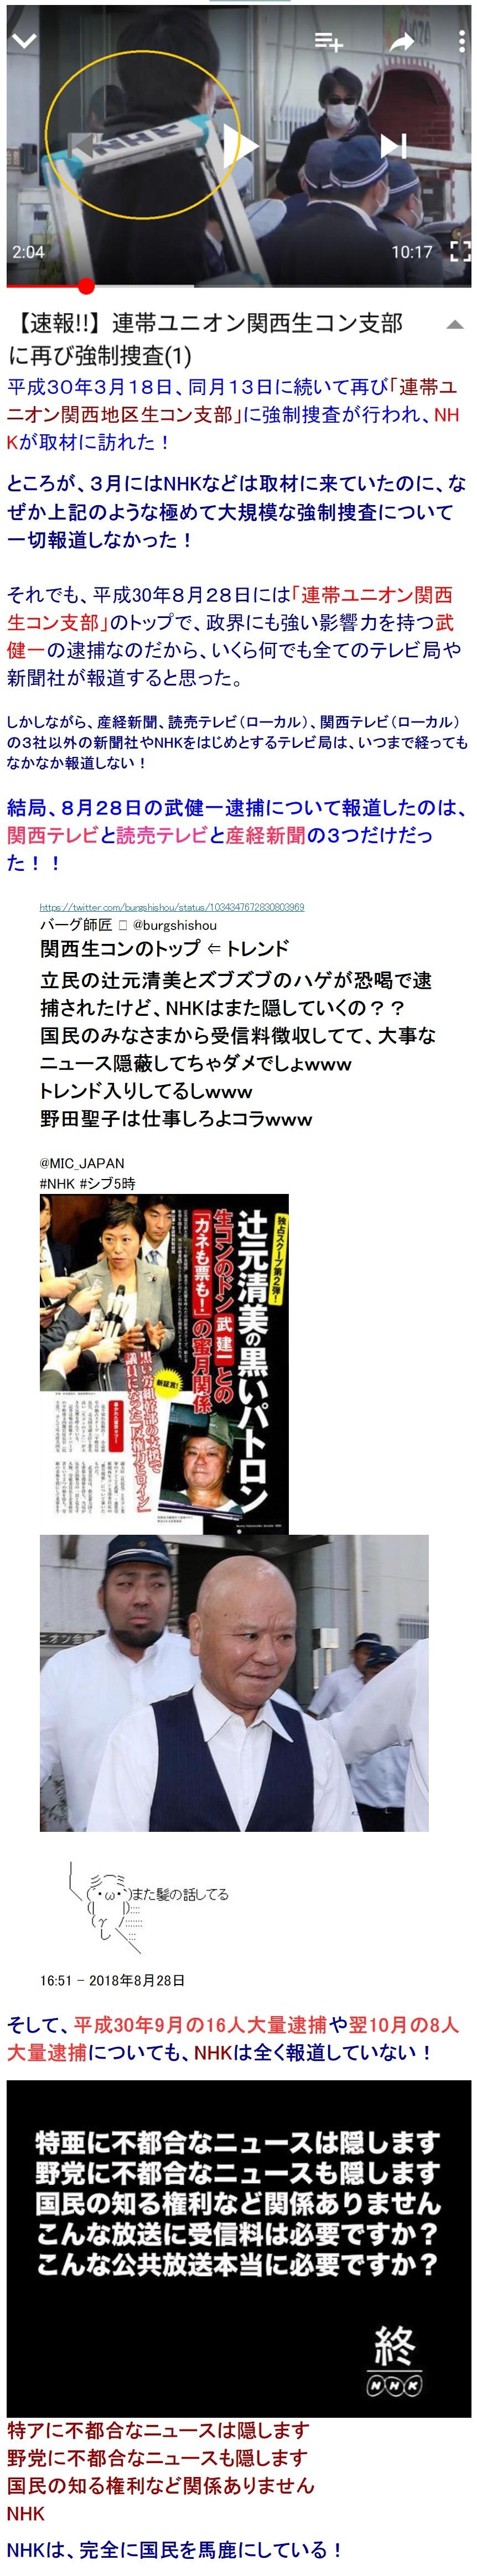 NHKは関西生コン逮捕を報道せず3